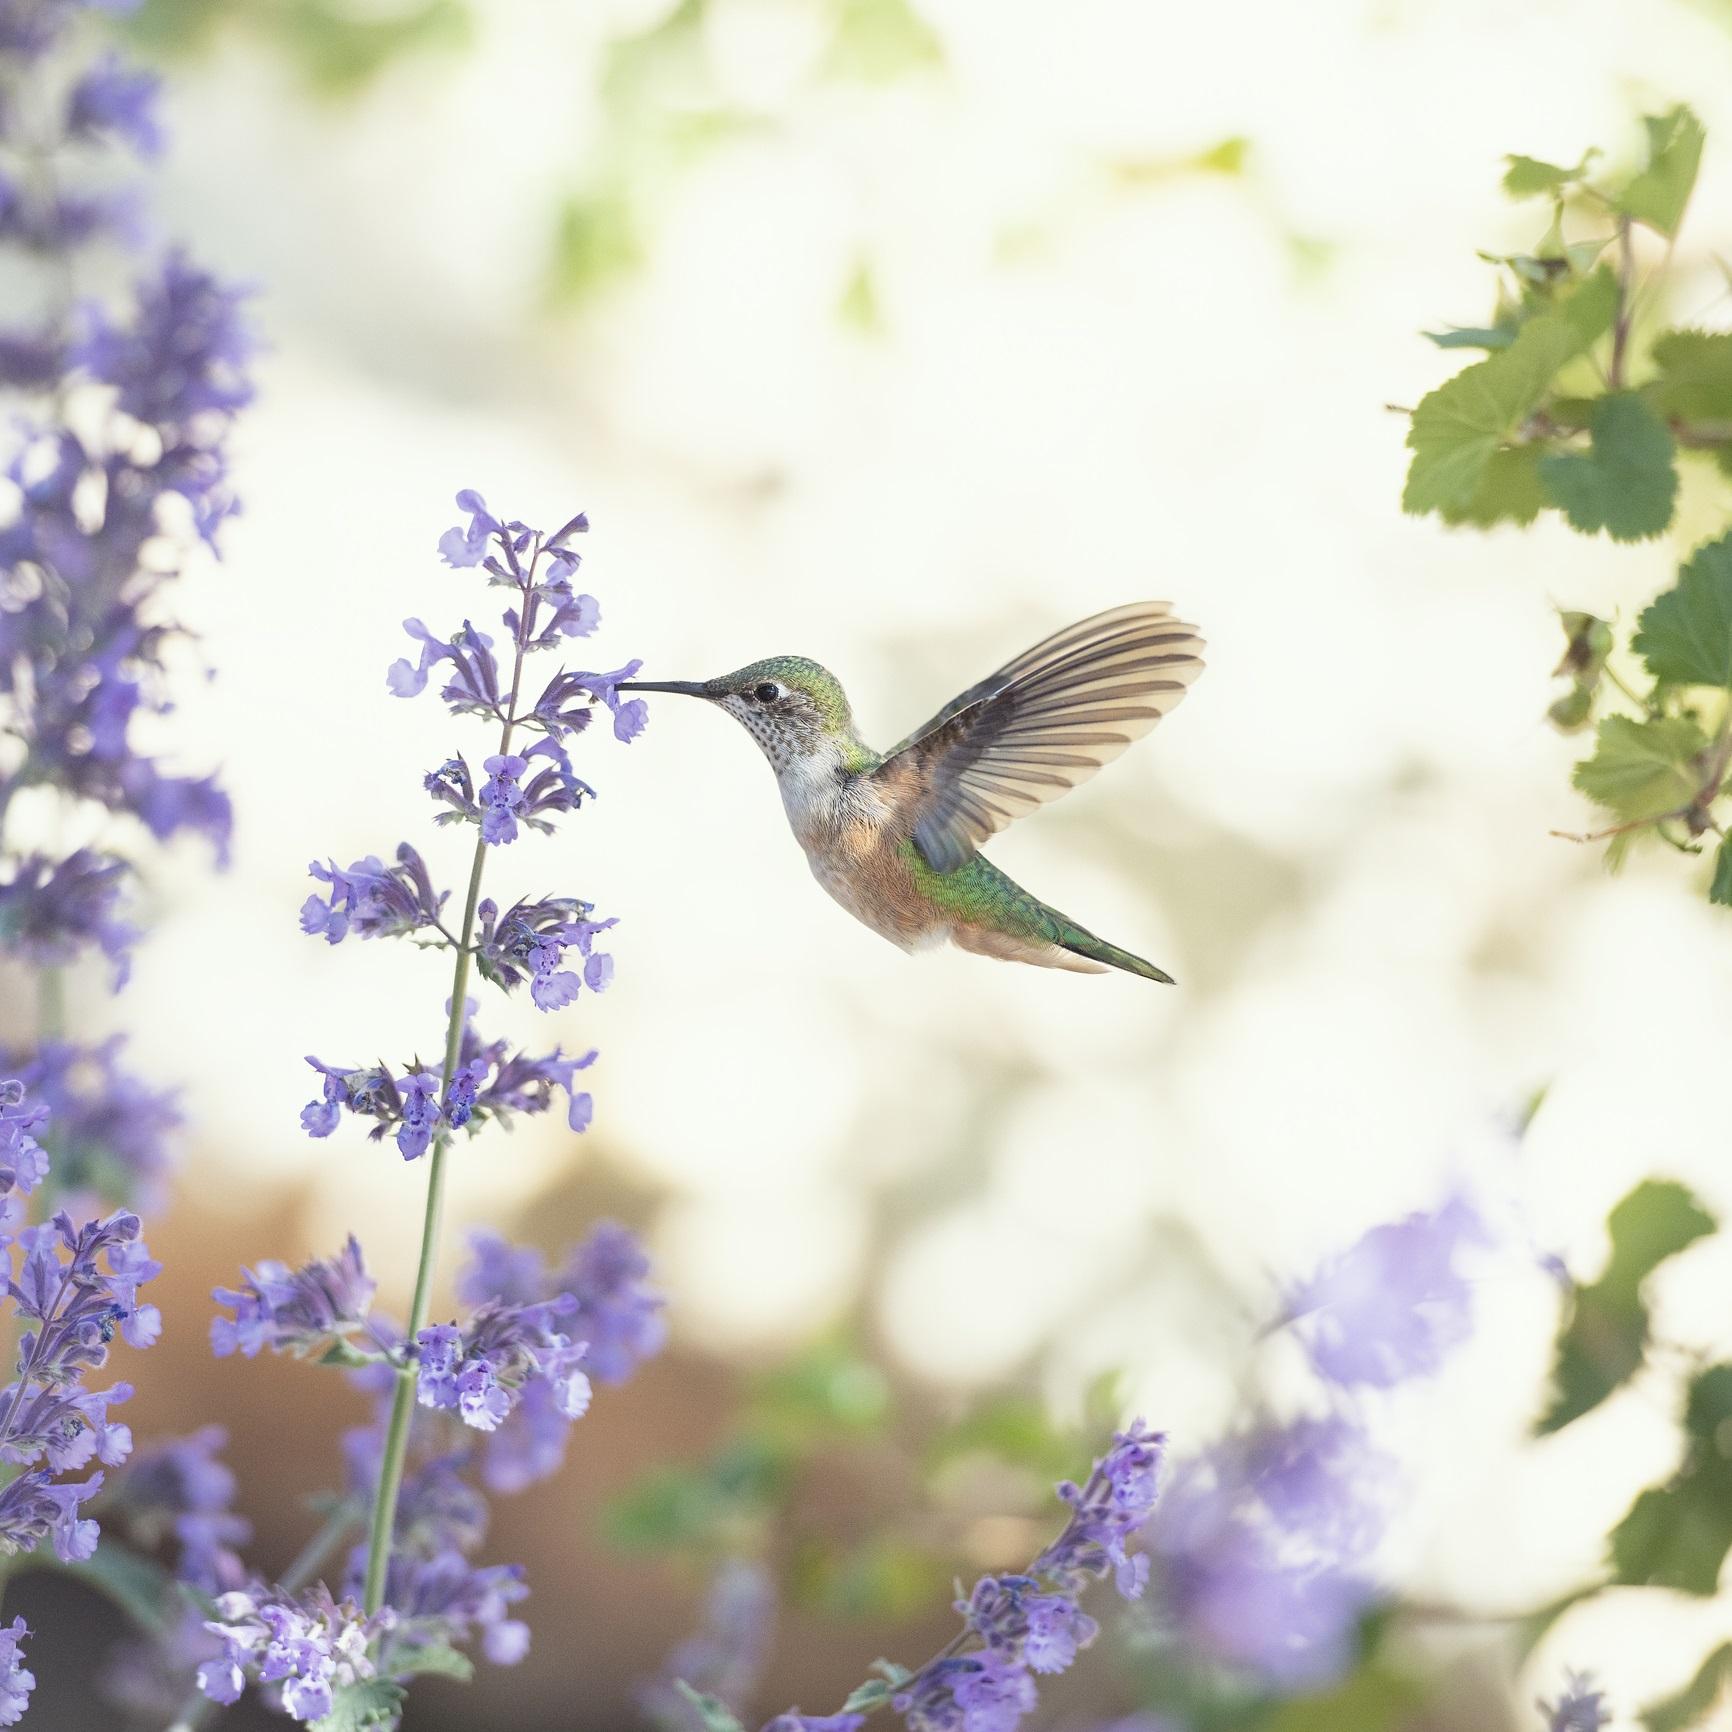 <p><strong>В обратната посока</strong></p>  <p>Колибри &ndash; тези мънички и екзотични същества са единствените птици в света, които могат да летят назад.</p>